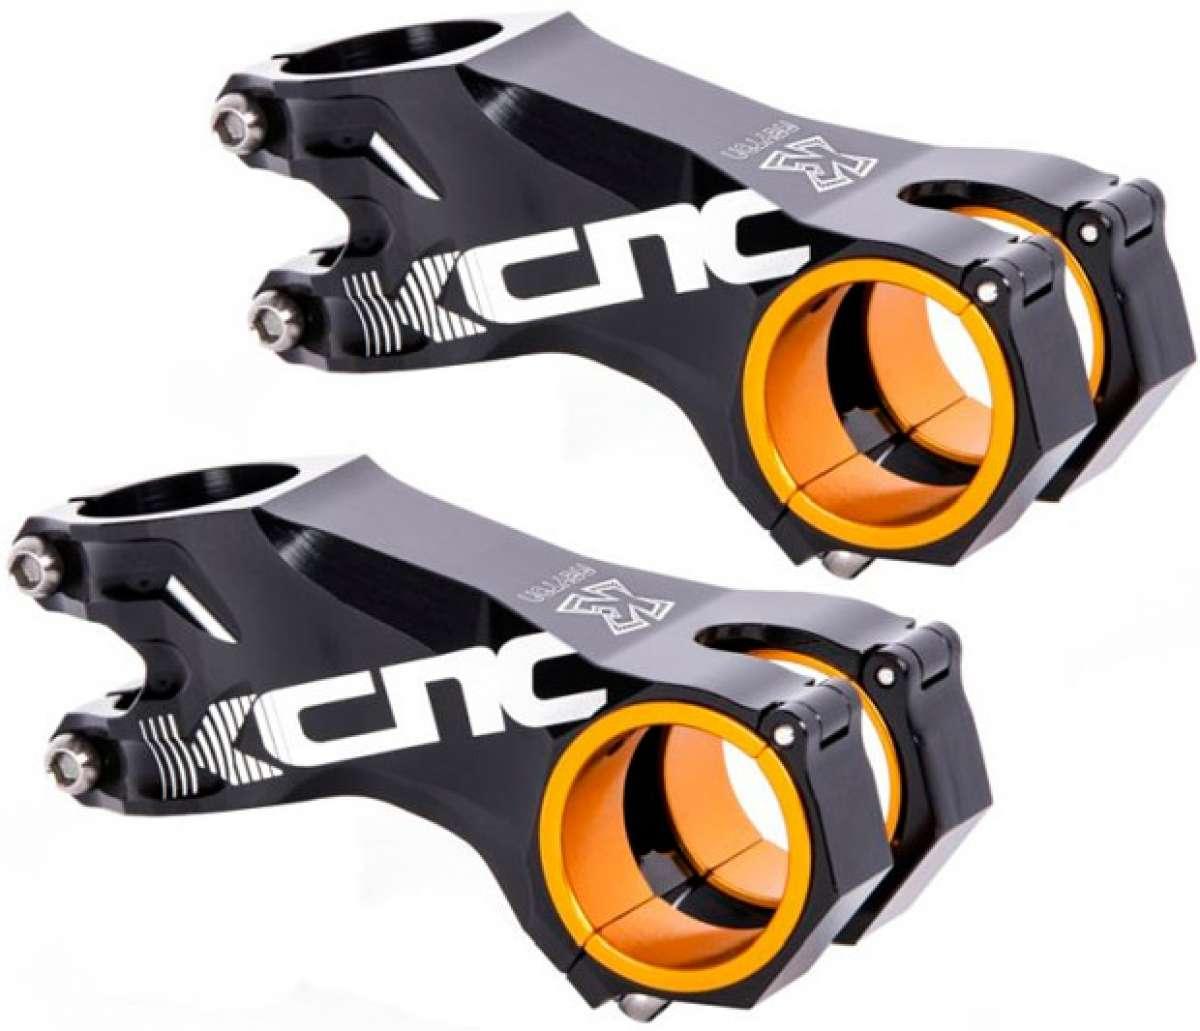 KCNC Reyton, la potencia perfecta para eliminar torsiones en manillares largos de XC